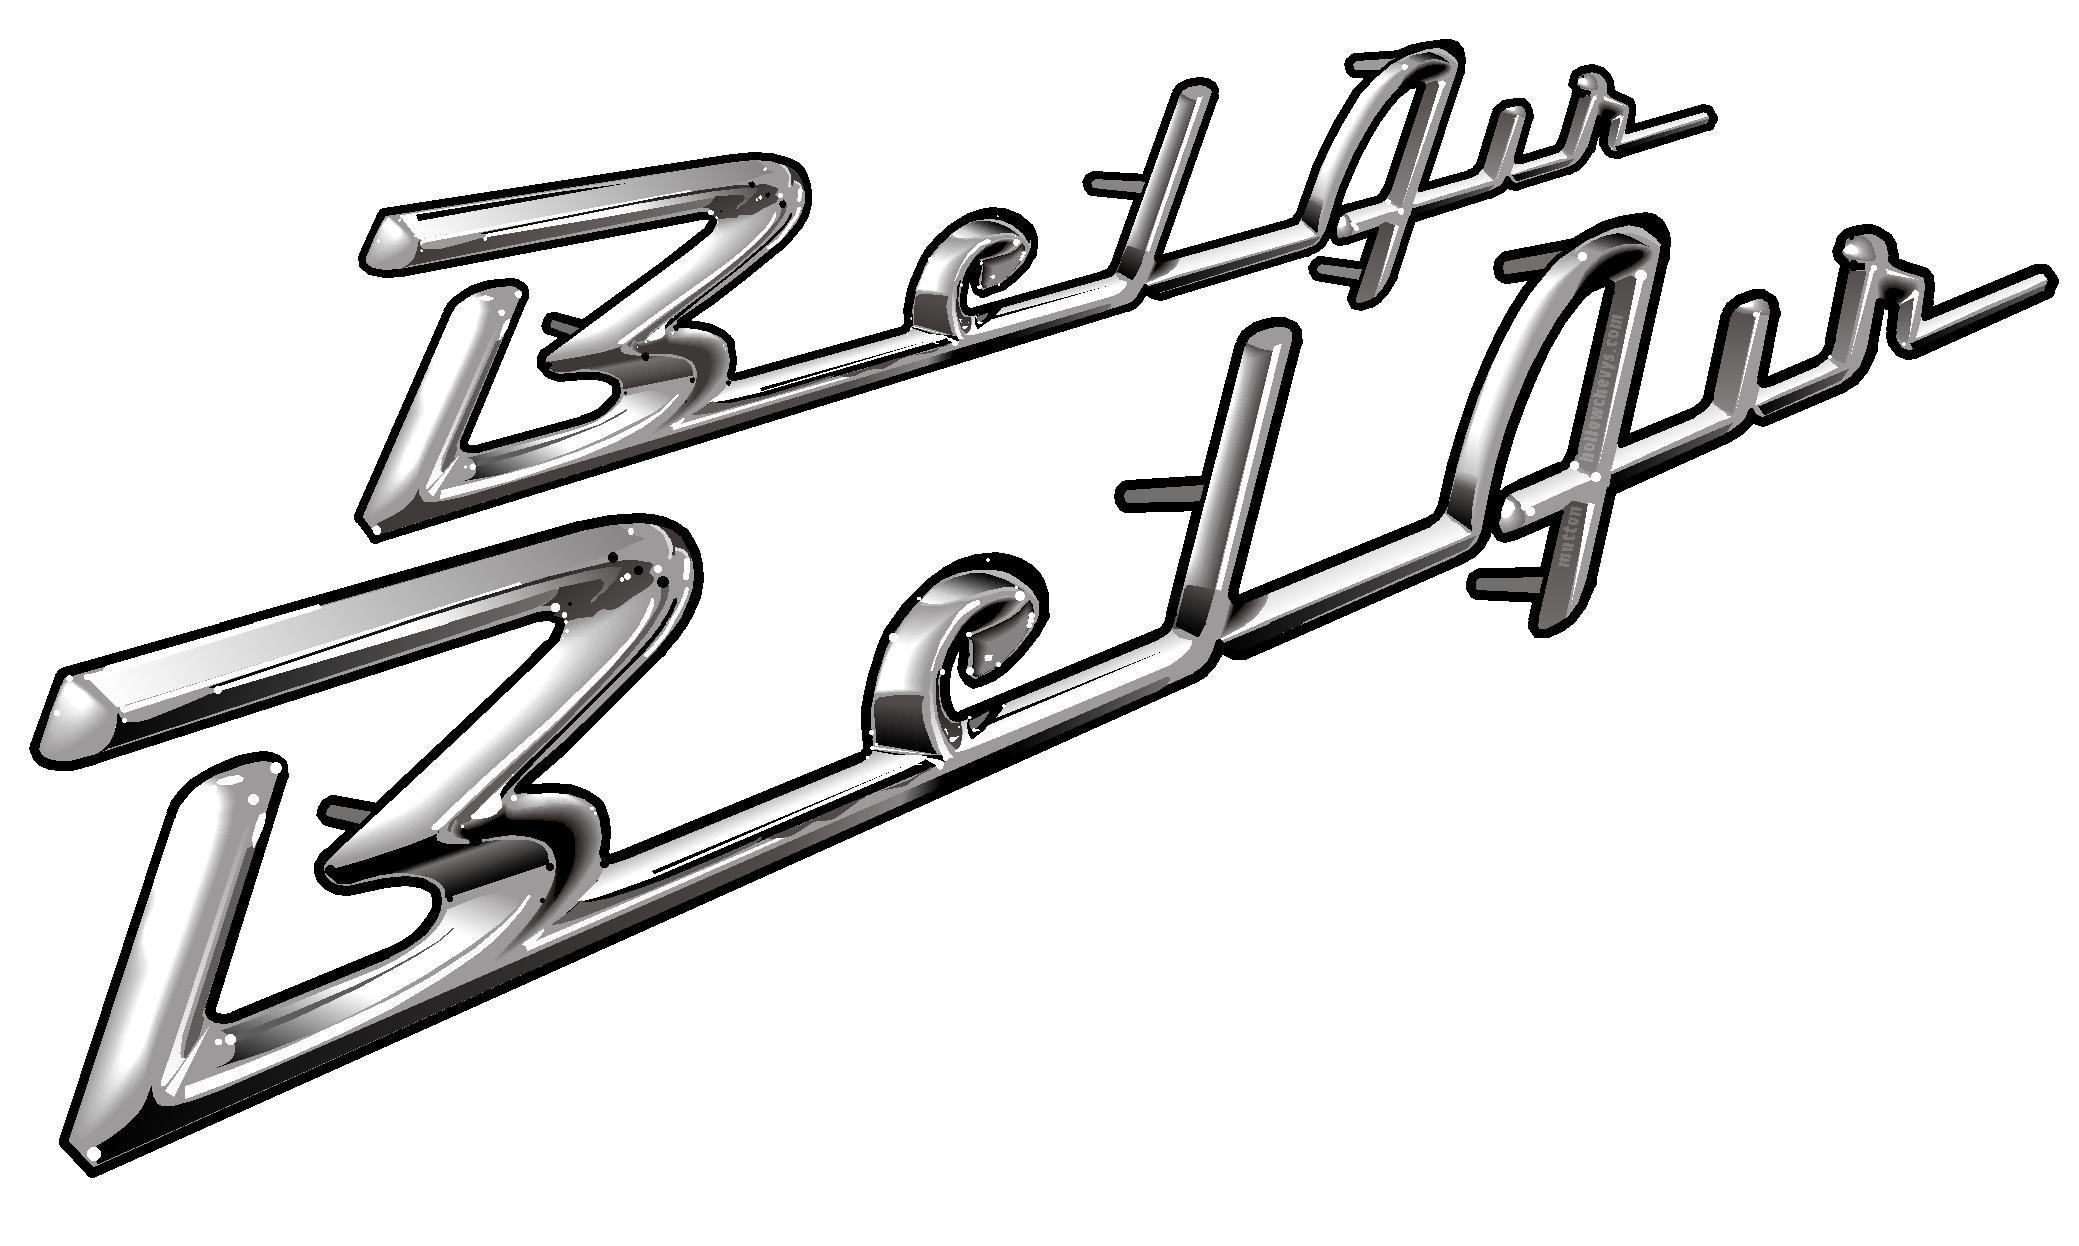 Chevy Belair Script White Background